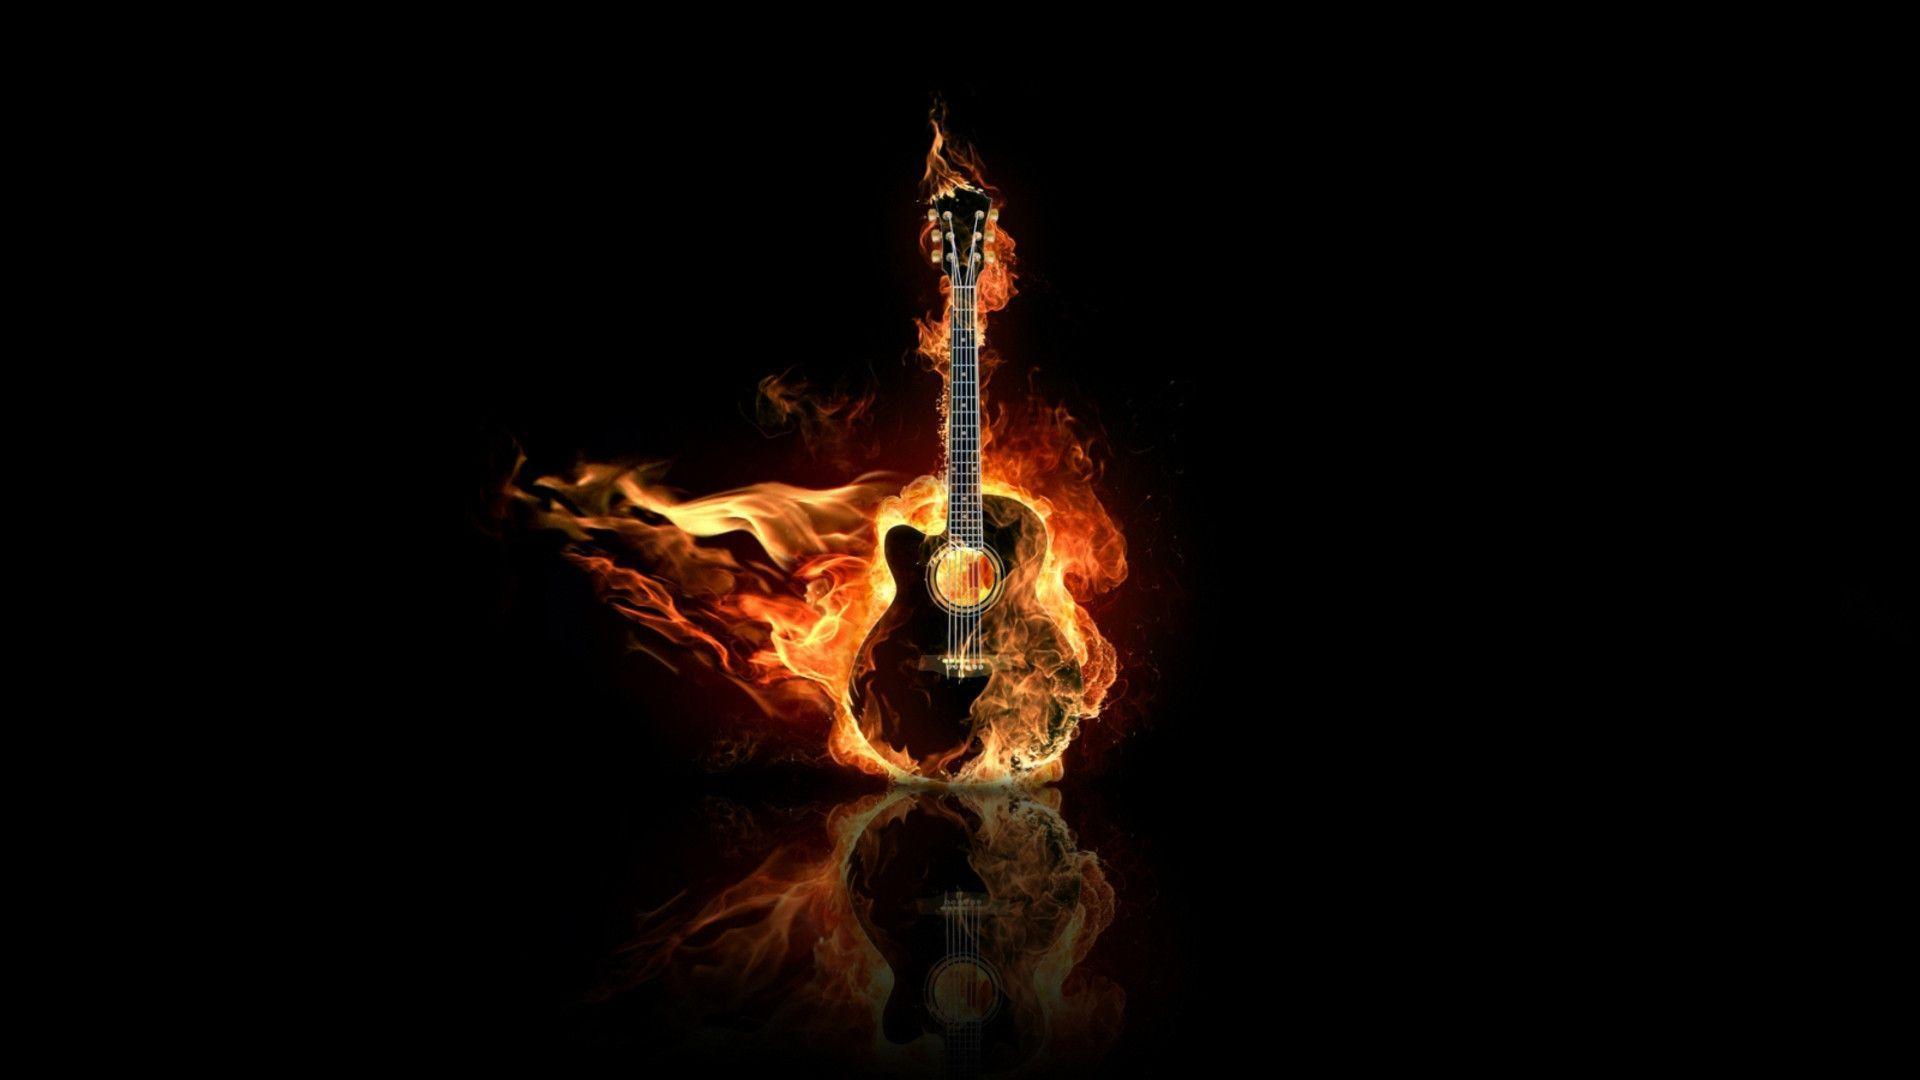 Flaming Guitars Digital Art Hd Wallpaper: 720p Phone Wallpapers